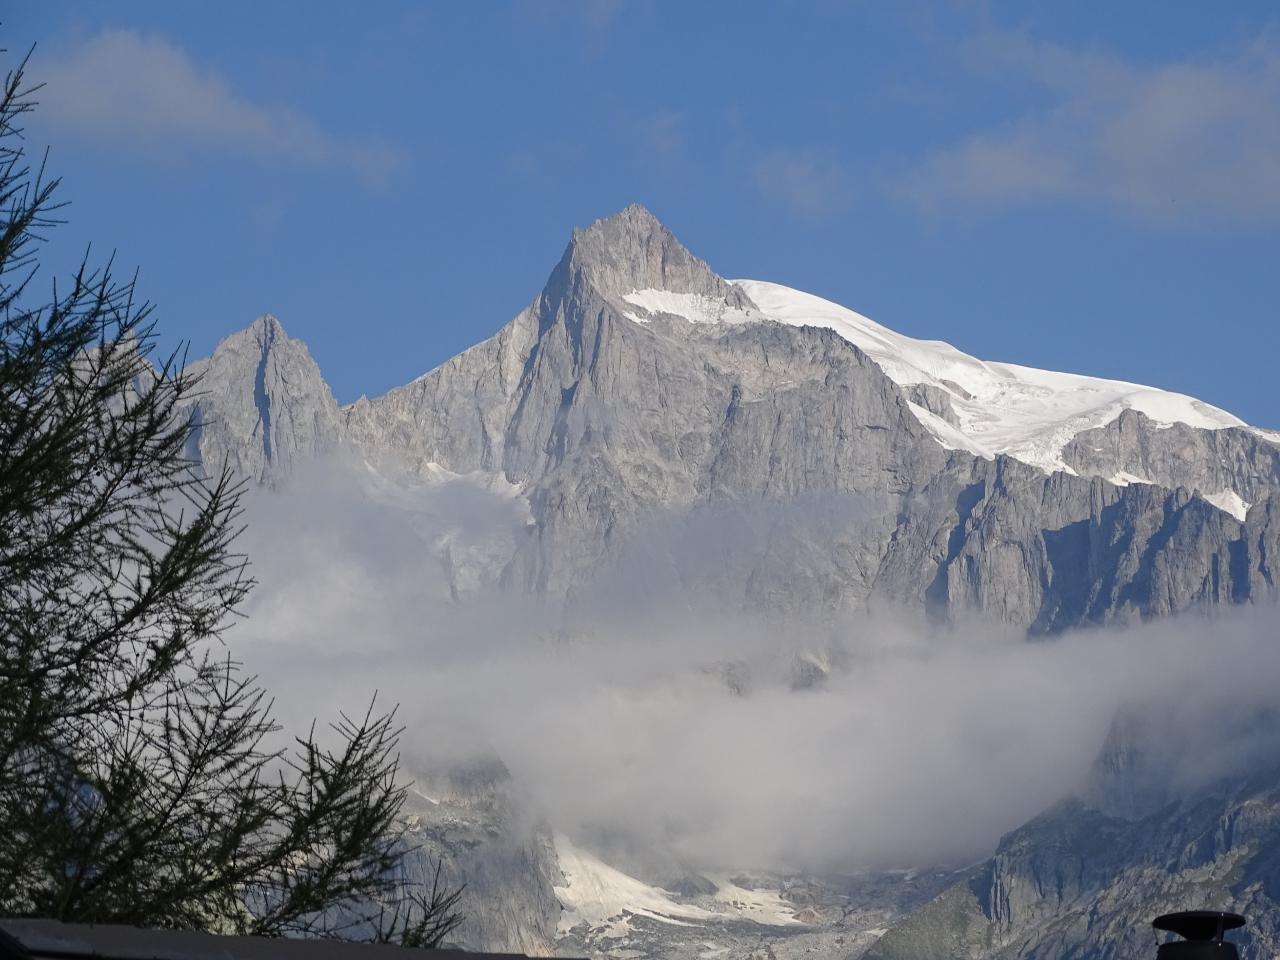 Appartement de vacances Chalet Stefanino, 2 1/2 Zimmer (488625), Bellwald, Aletsch - Conches, Valais, Suisse, image 12